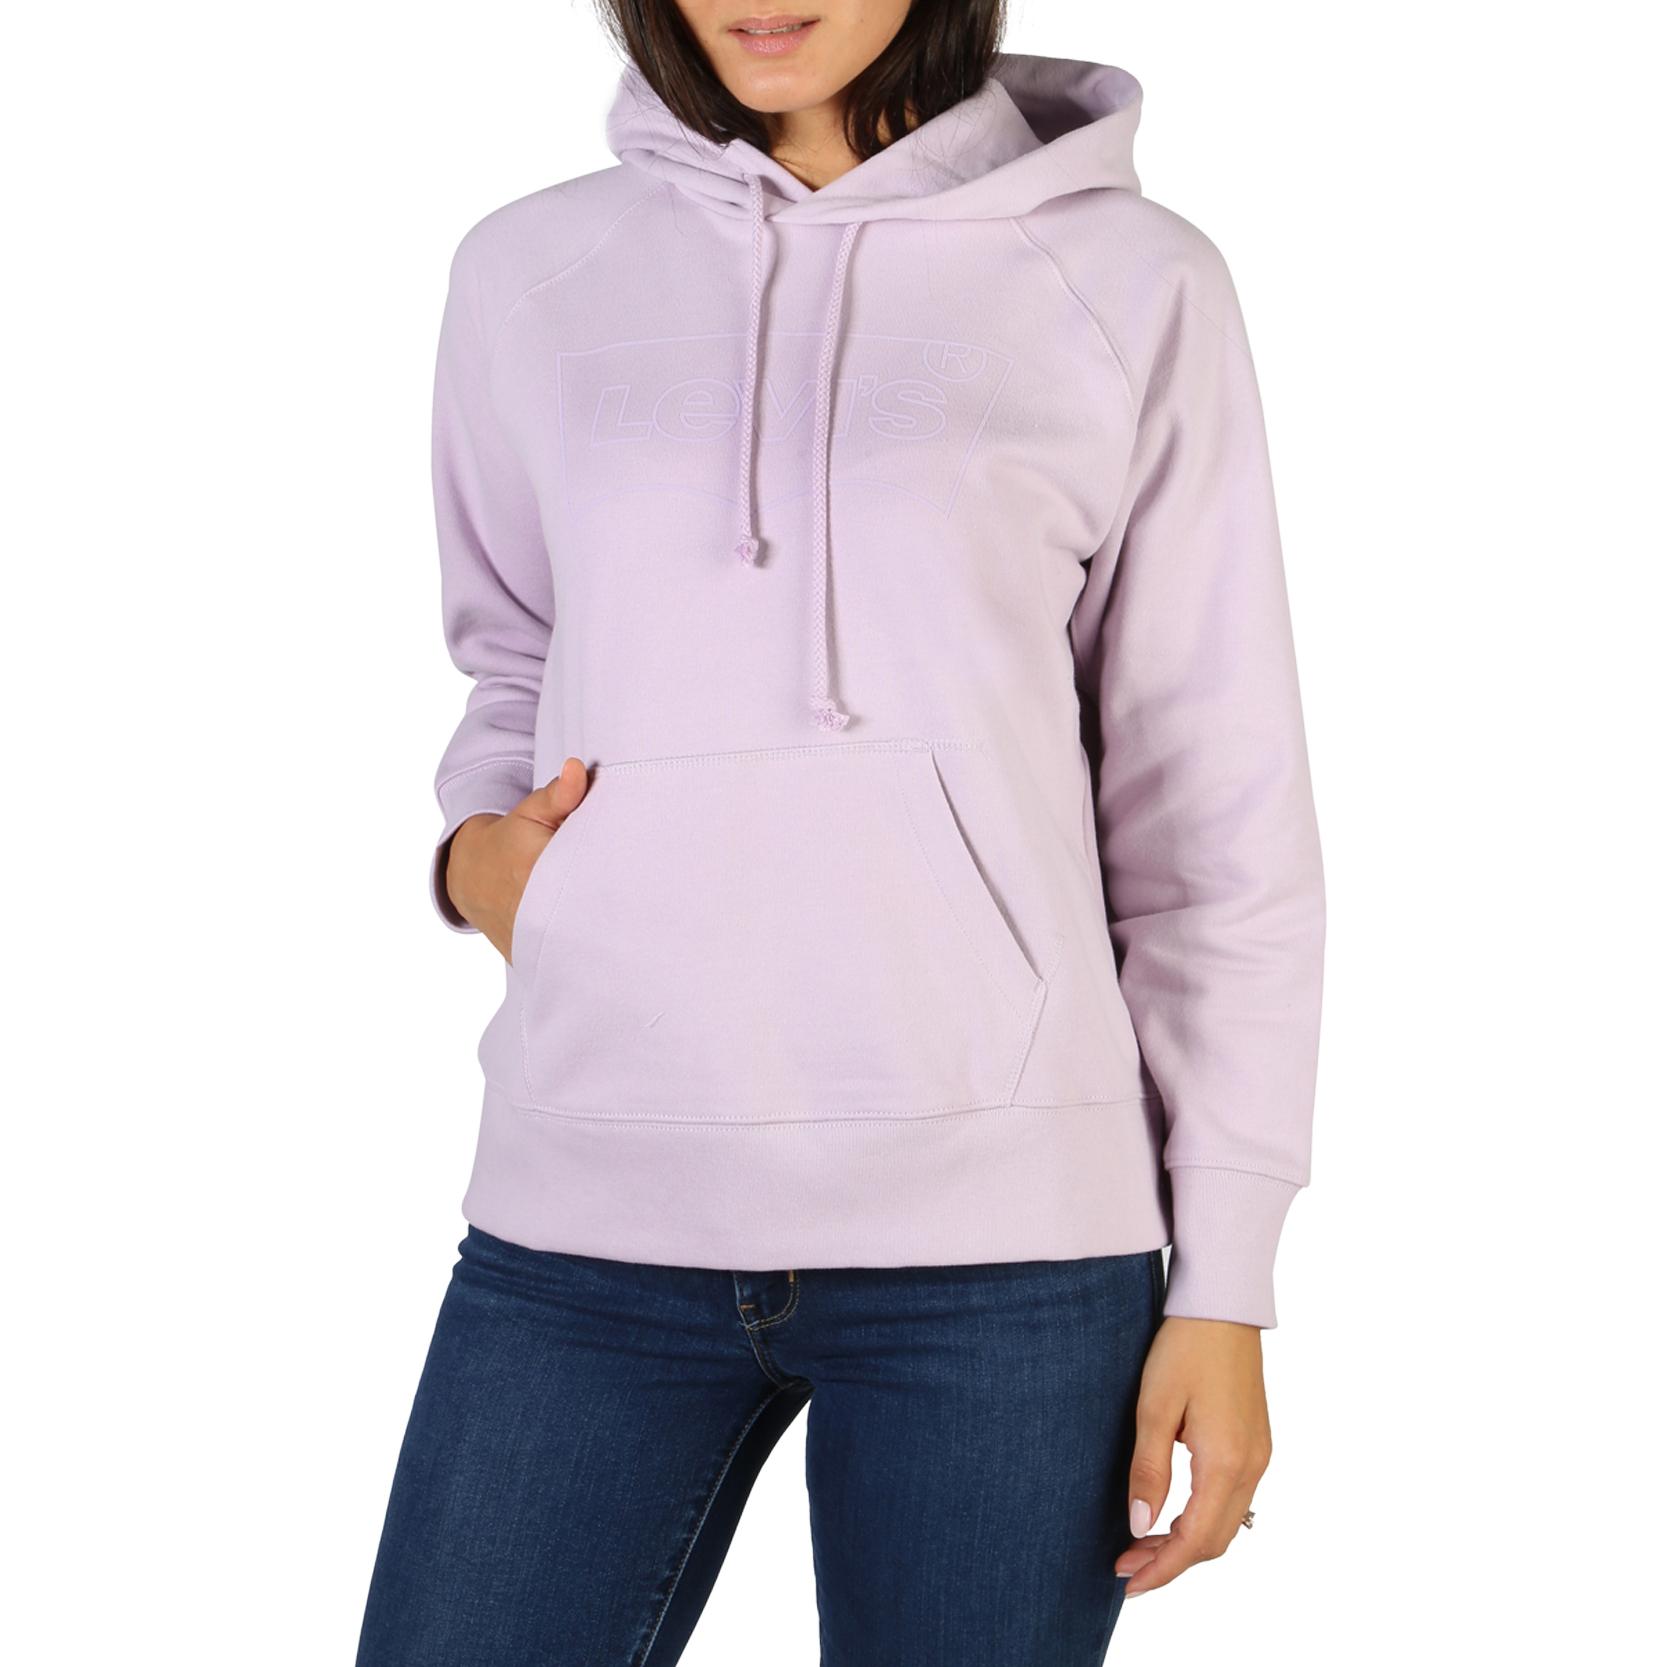 Sweat / sweat zippé  Levis 35946-0206_GRAPHIC-SPORT violet